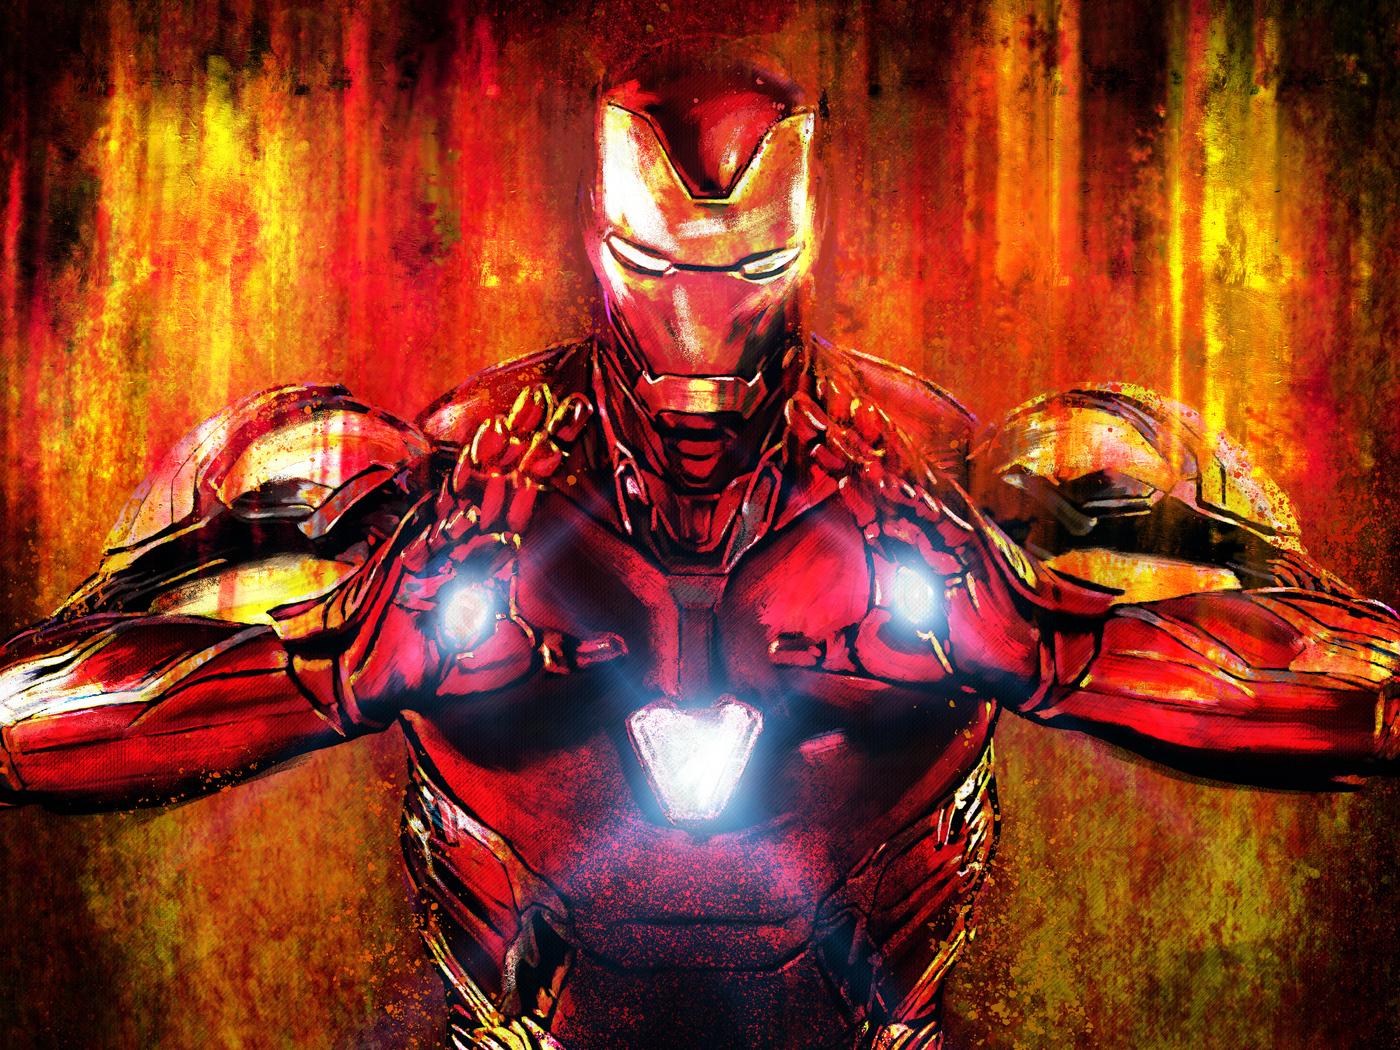 iron-man-avengers-endgame-5k-2019-tn.jpg